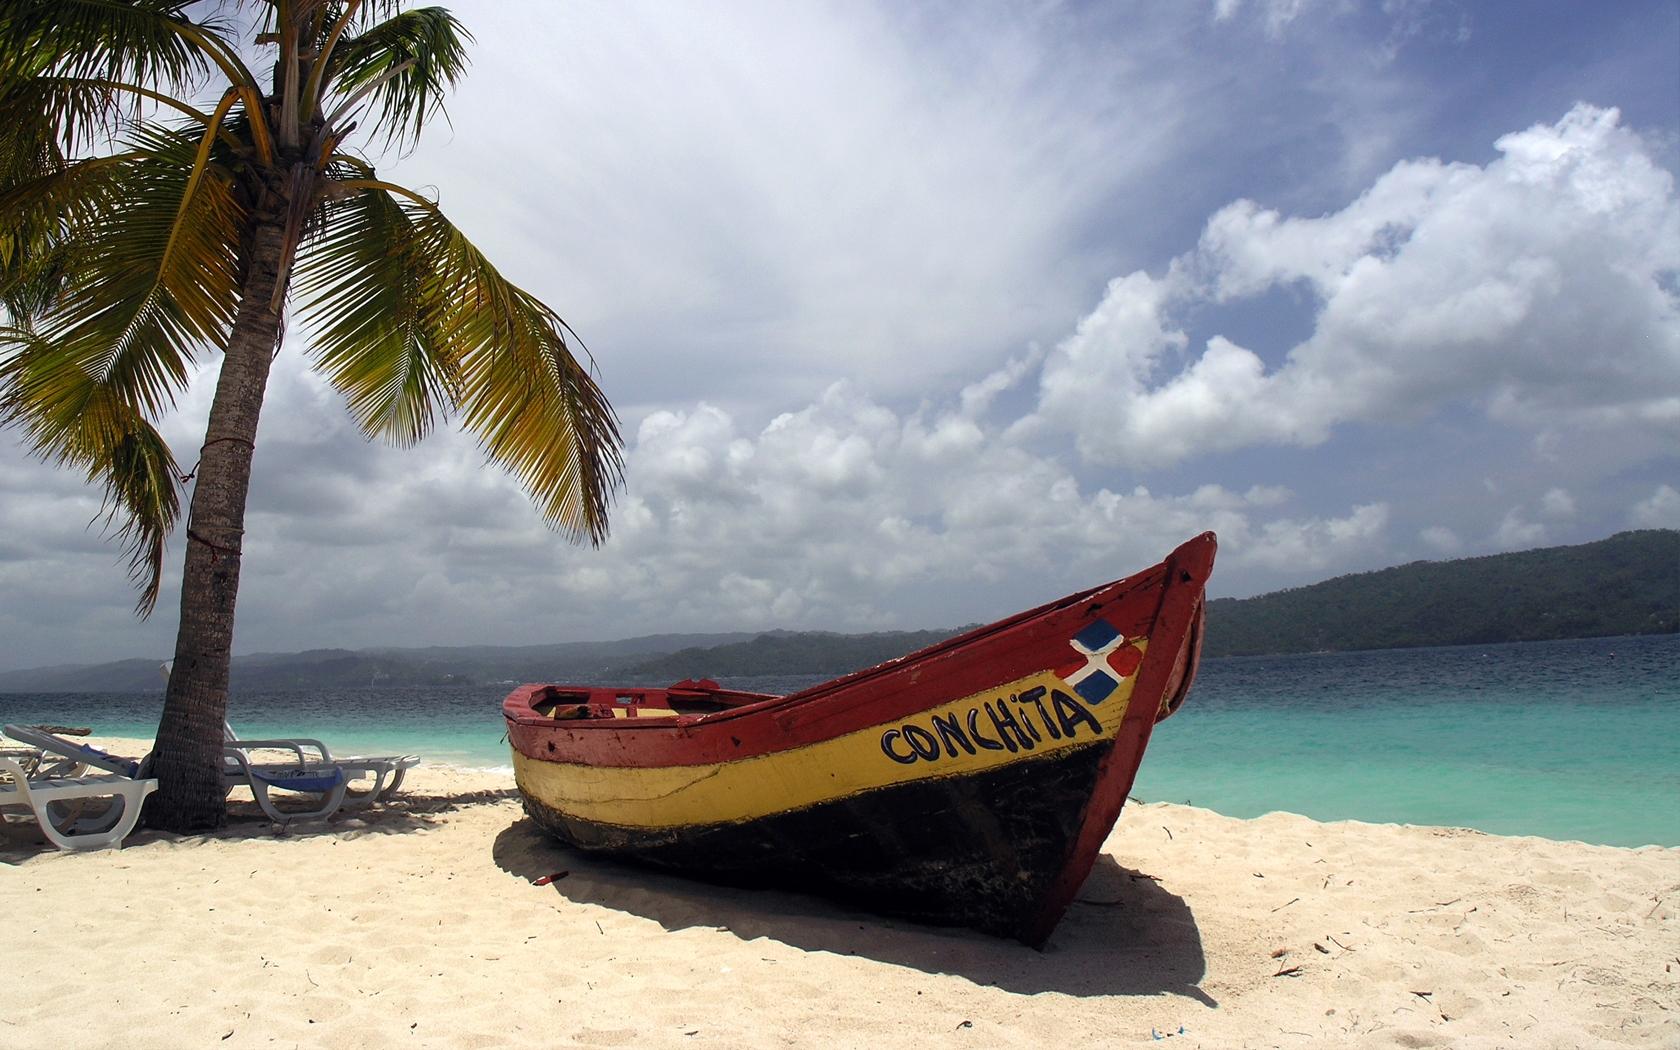 Playas de puerto rico wallpaper wallpapersafari - Playa wallpaper ...